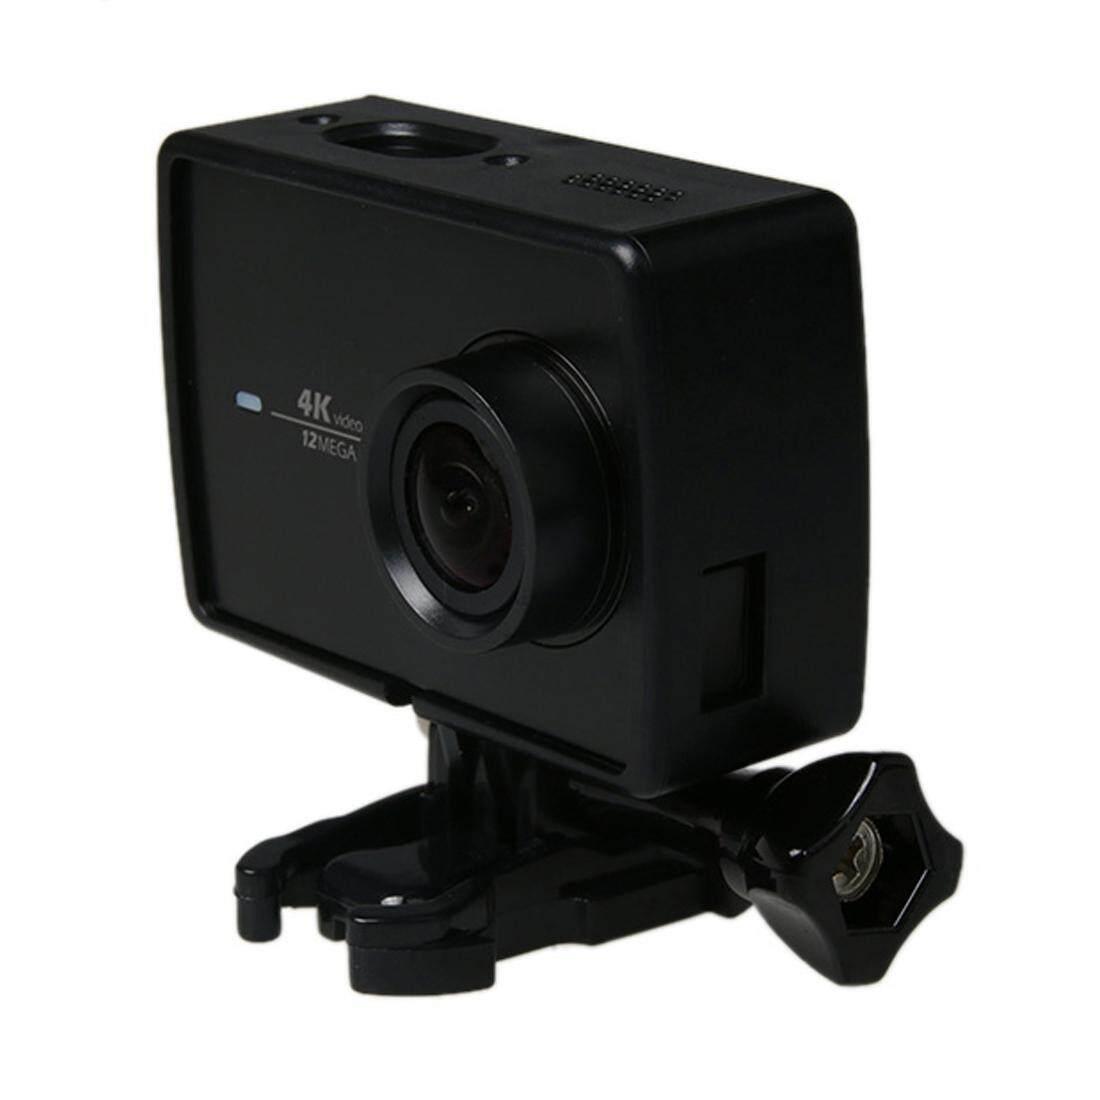 Digital Bingkai Kamera Mount Cangkang Pelindung dengan Gesper Dasar Gunung & Sekrup untuk Xiaomi Xiaoyi II 4 K/Xiaoyi II- internasional